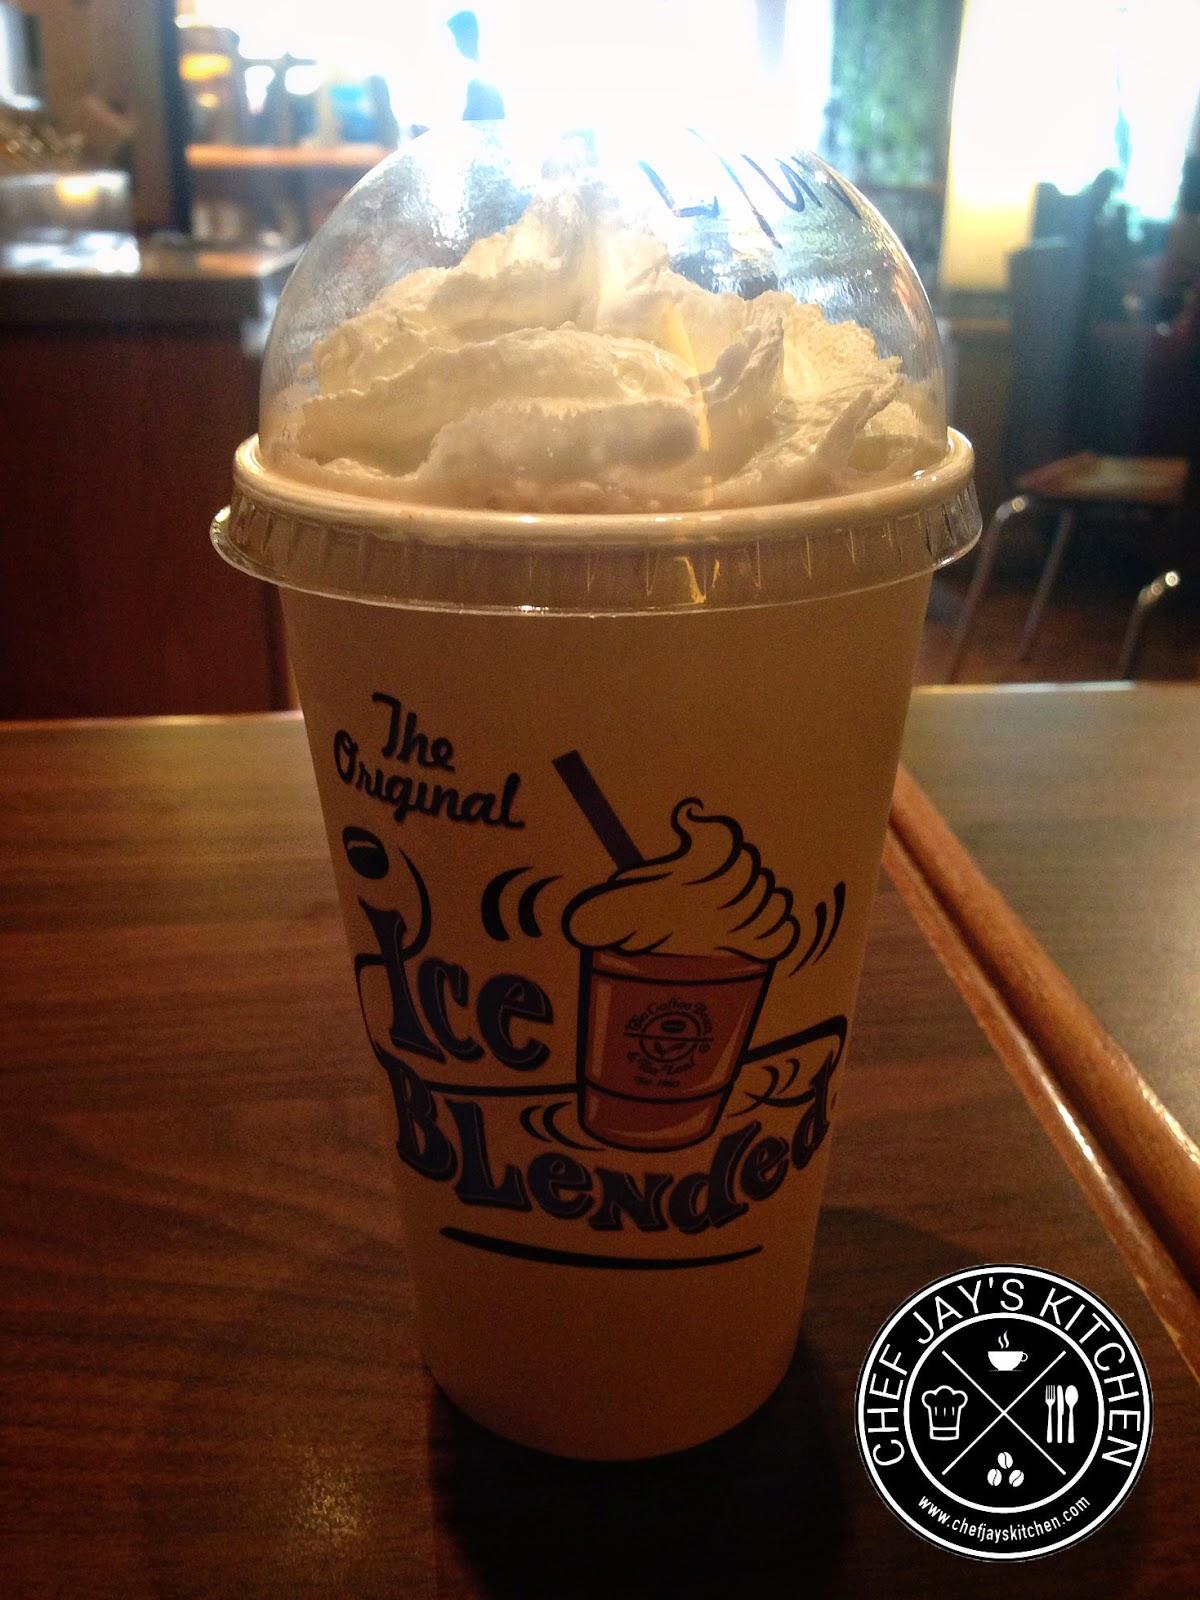 The Coffee Bean & Tea Leaf - CBTL The Ultimate Vanilla